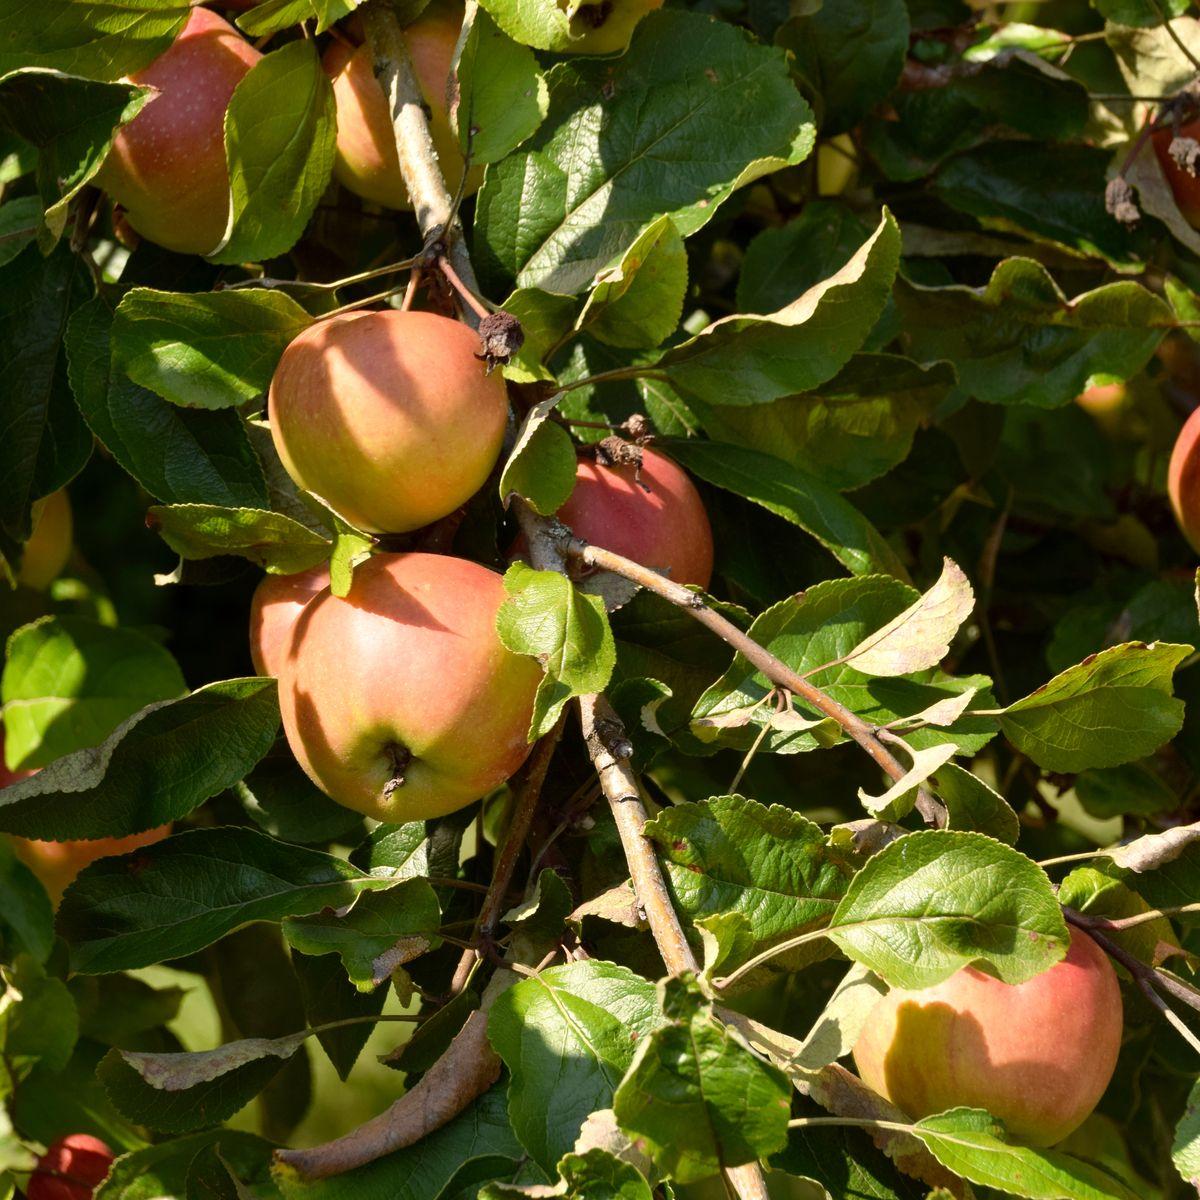 Gelb-rote Früchte des Apfelbaumes mit zahlreichen Blättern an einem Ast.